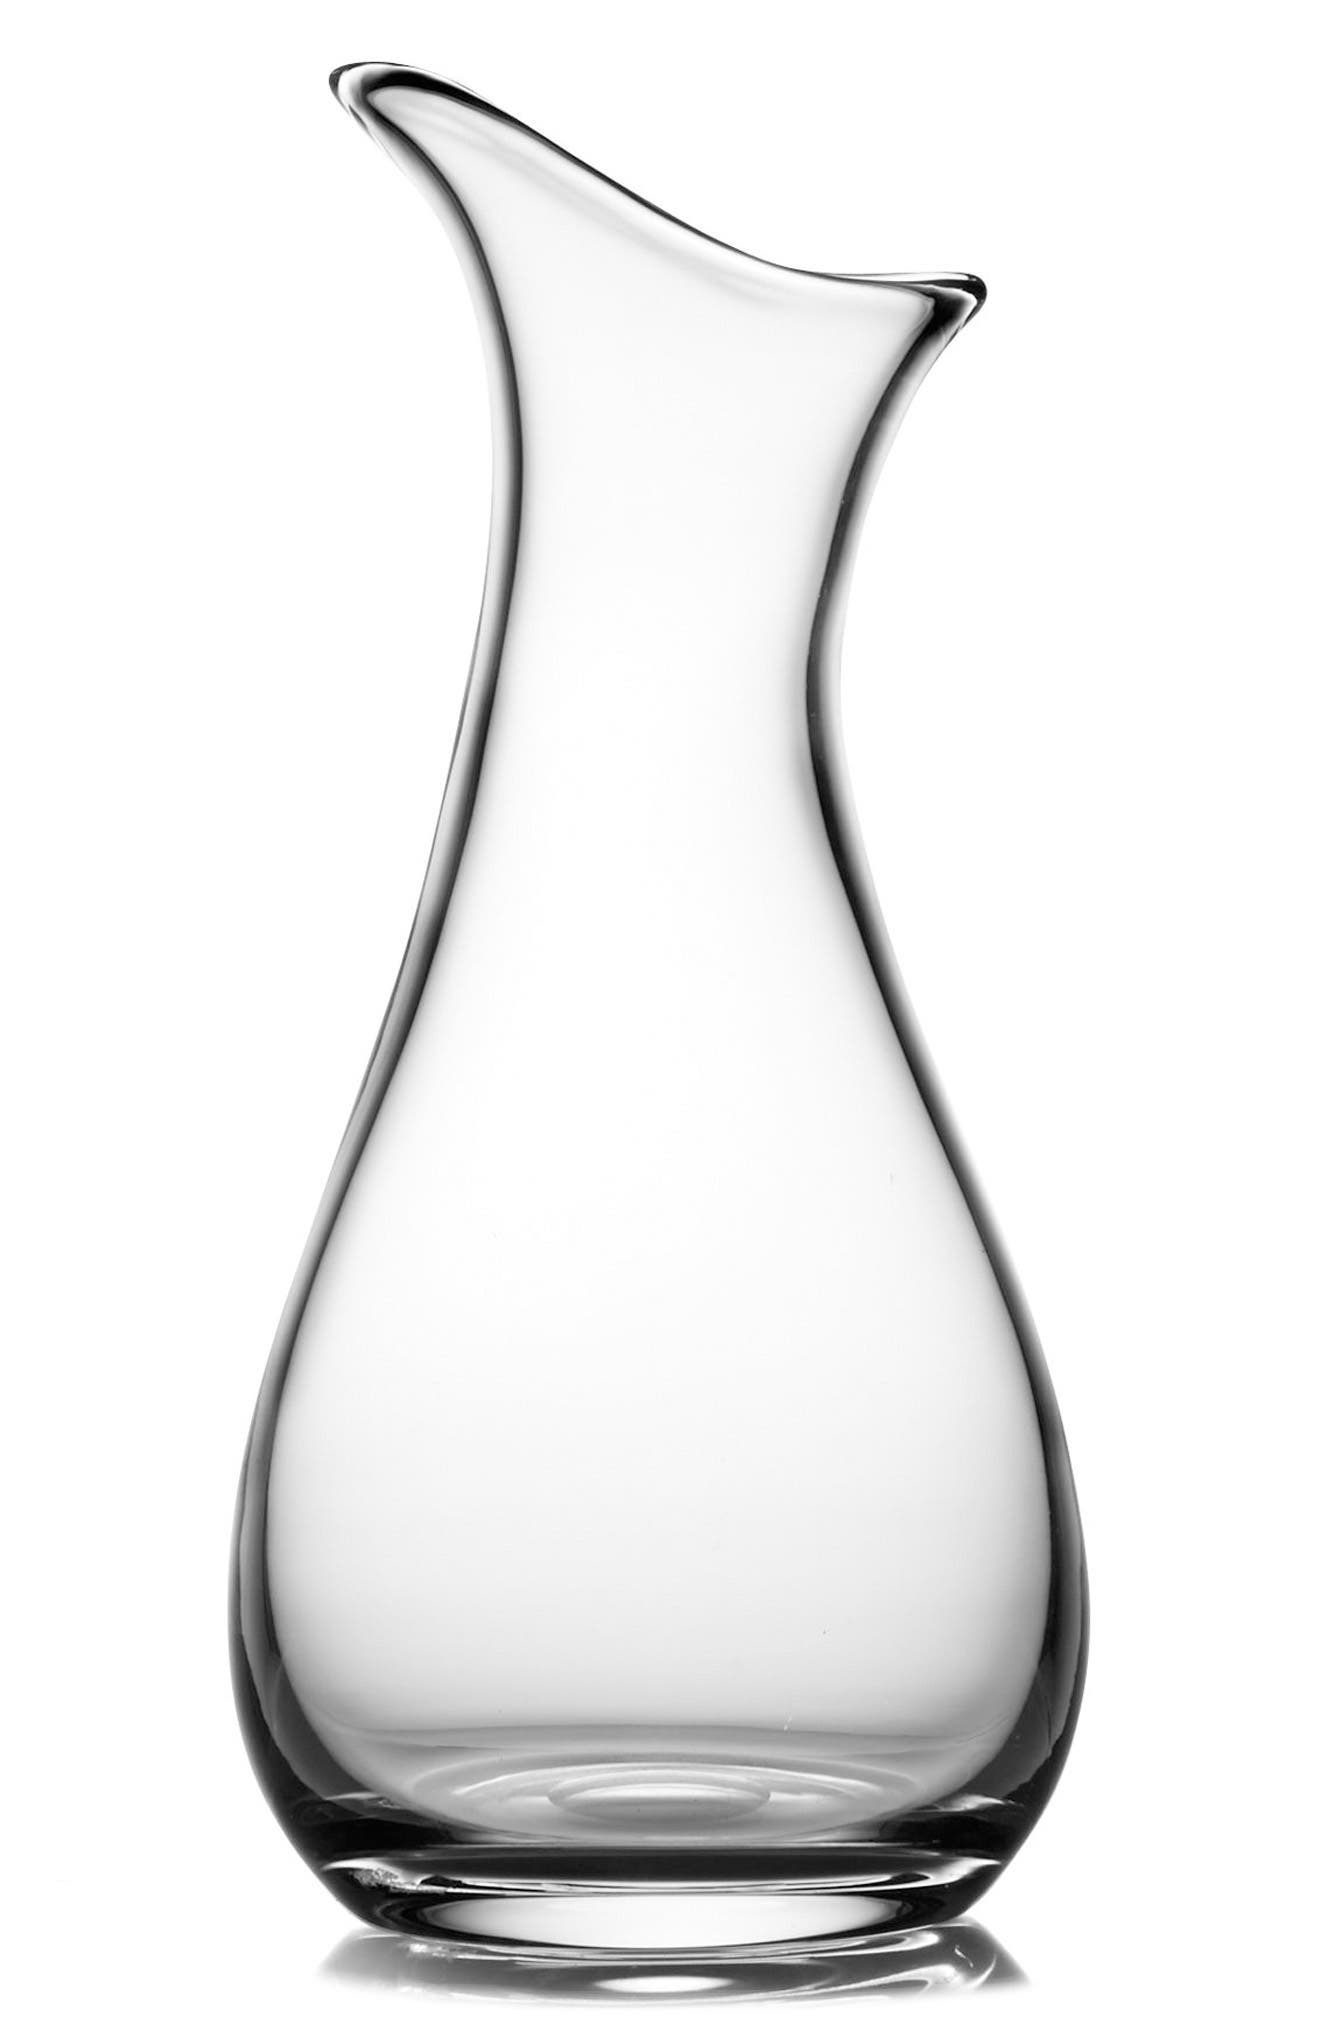 Alternate Image 1 Selected - Nambé Large Moderne Art Vase